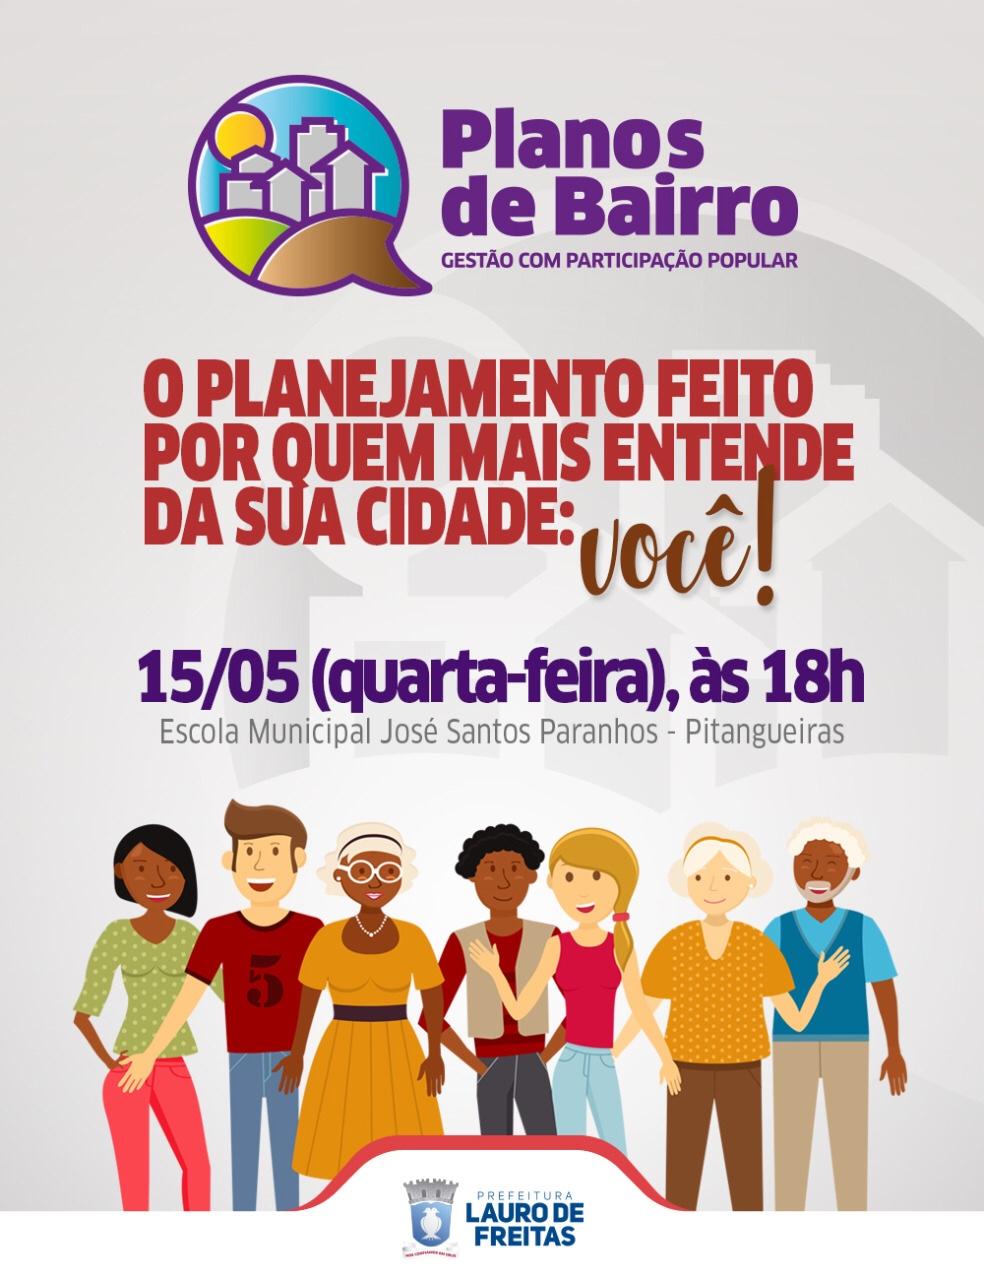 Prefeitura realiza Planos de Bairro em Pitangueiras nesta quarta-feira (15)